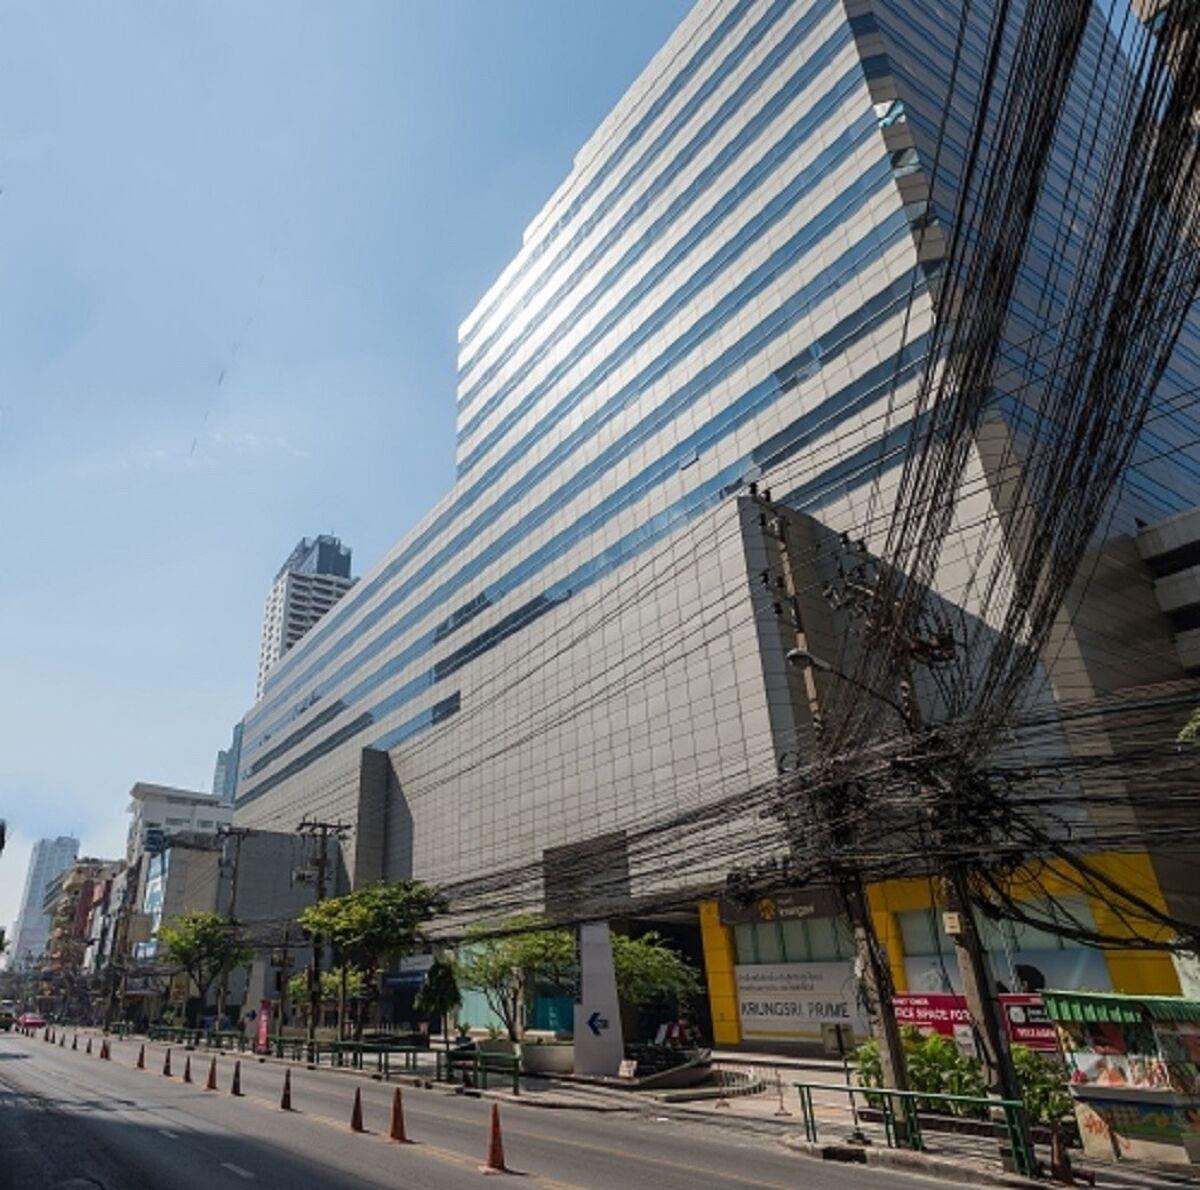 อสังหาริมทรัพย์ให้เช่า - อาคารเสริมมิตร ถนนสุขุมวิท แขวงคลองเตยเหนือ